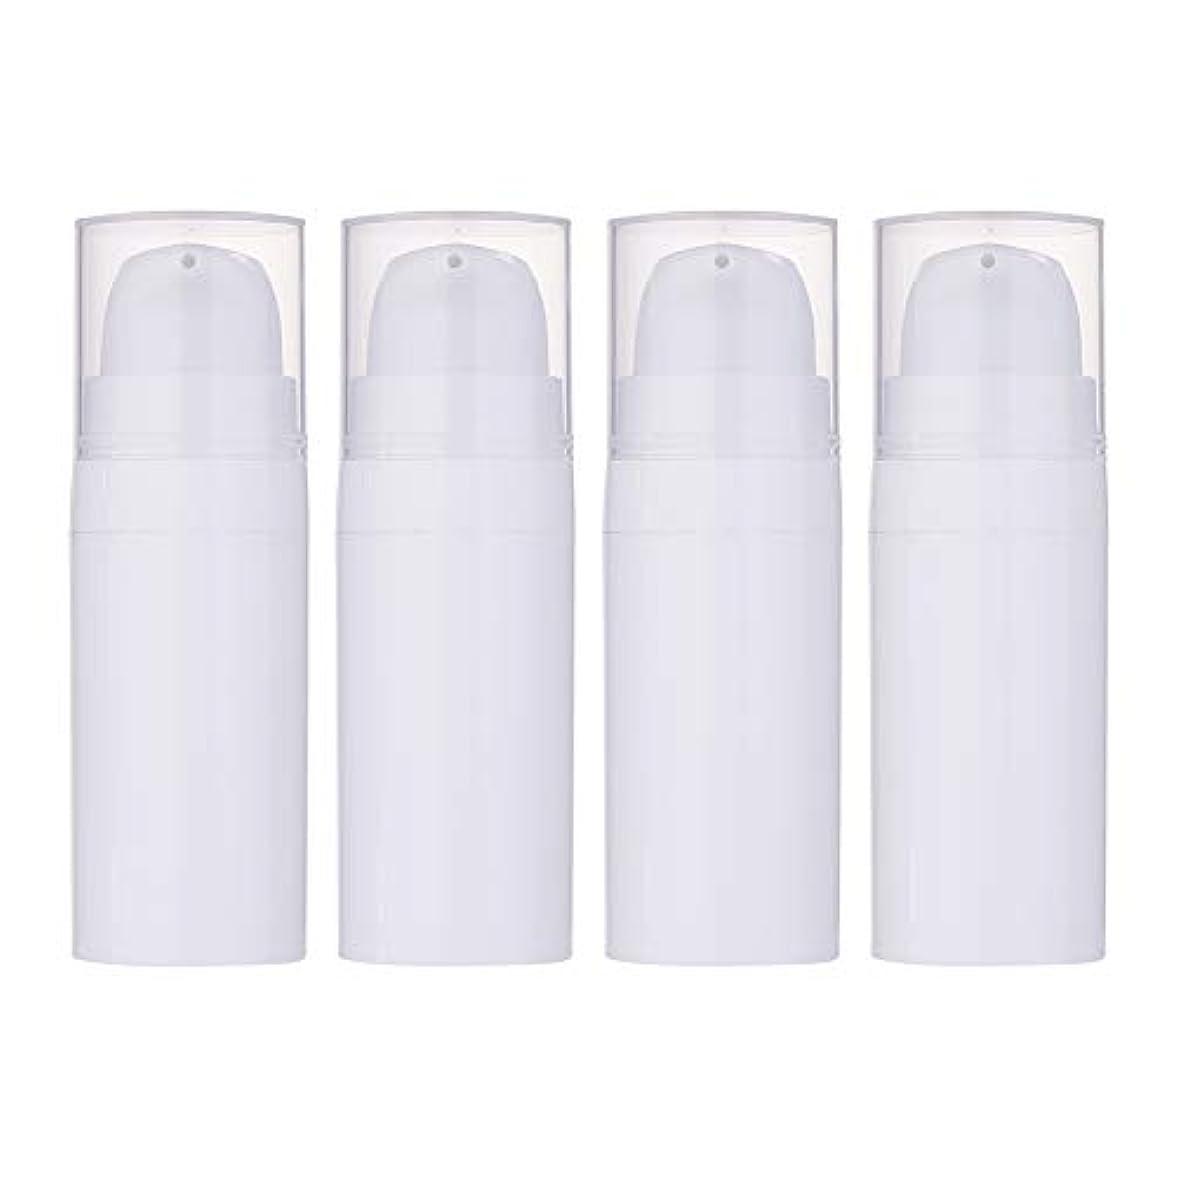 失われた良い酸化するBENECREAT 10個セット10ml真空ポンプボトル 空ボトル クリーム 化粧水ボトル 化粧品小分けボトル 詰め替えボトル トラベル 白色